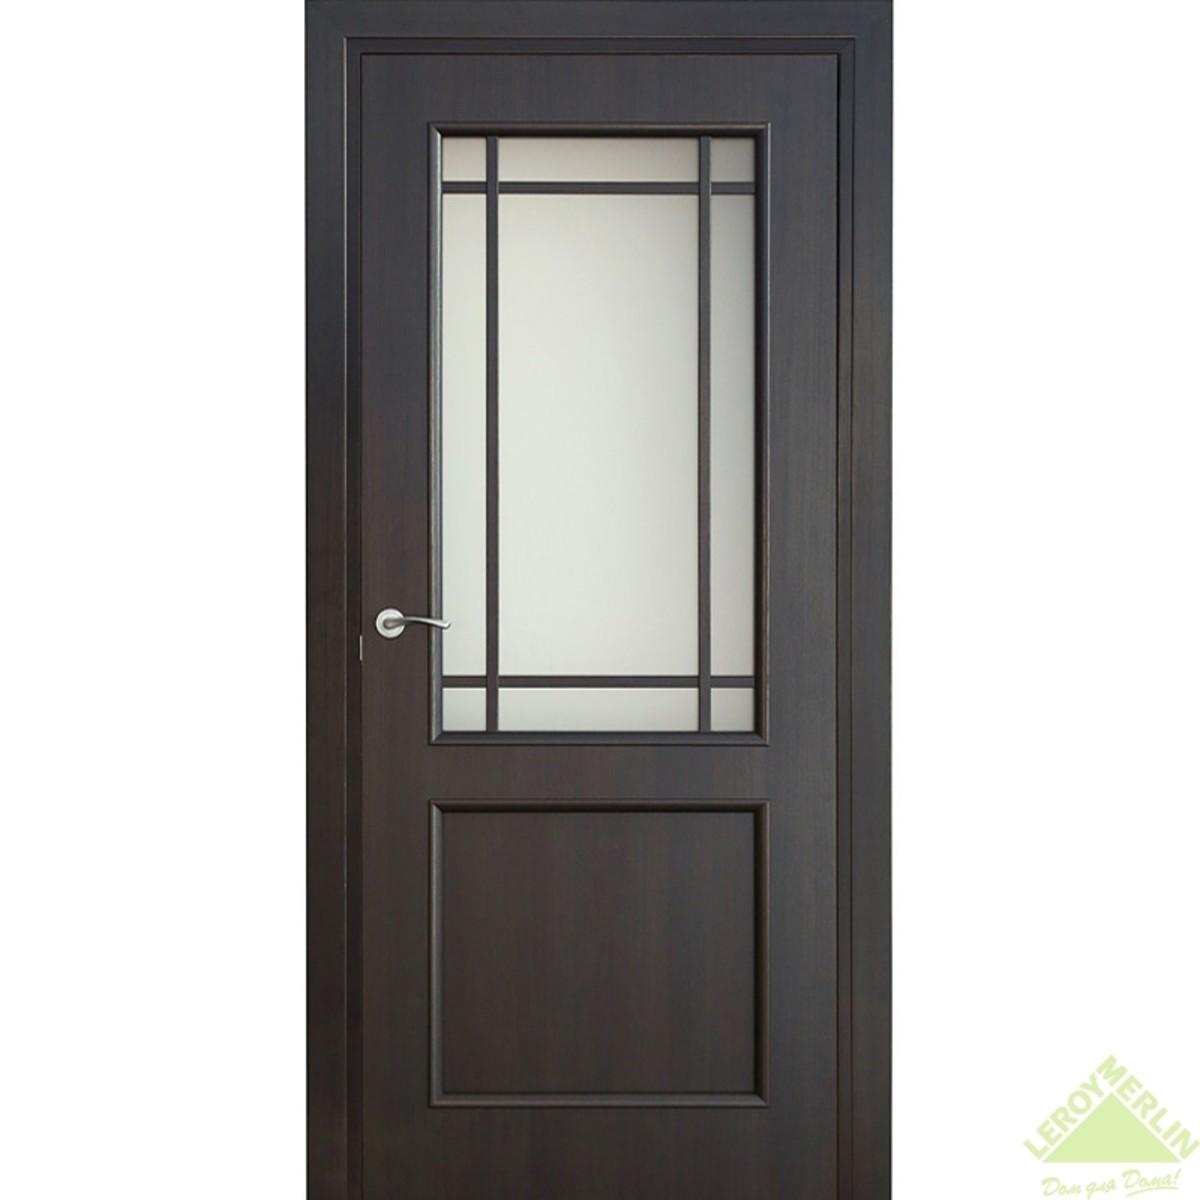 Дверь Межкомнатная Остеклённая Фортунато 819 600x2000 Венге